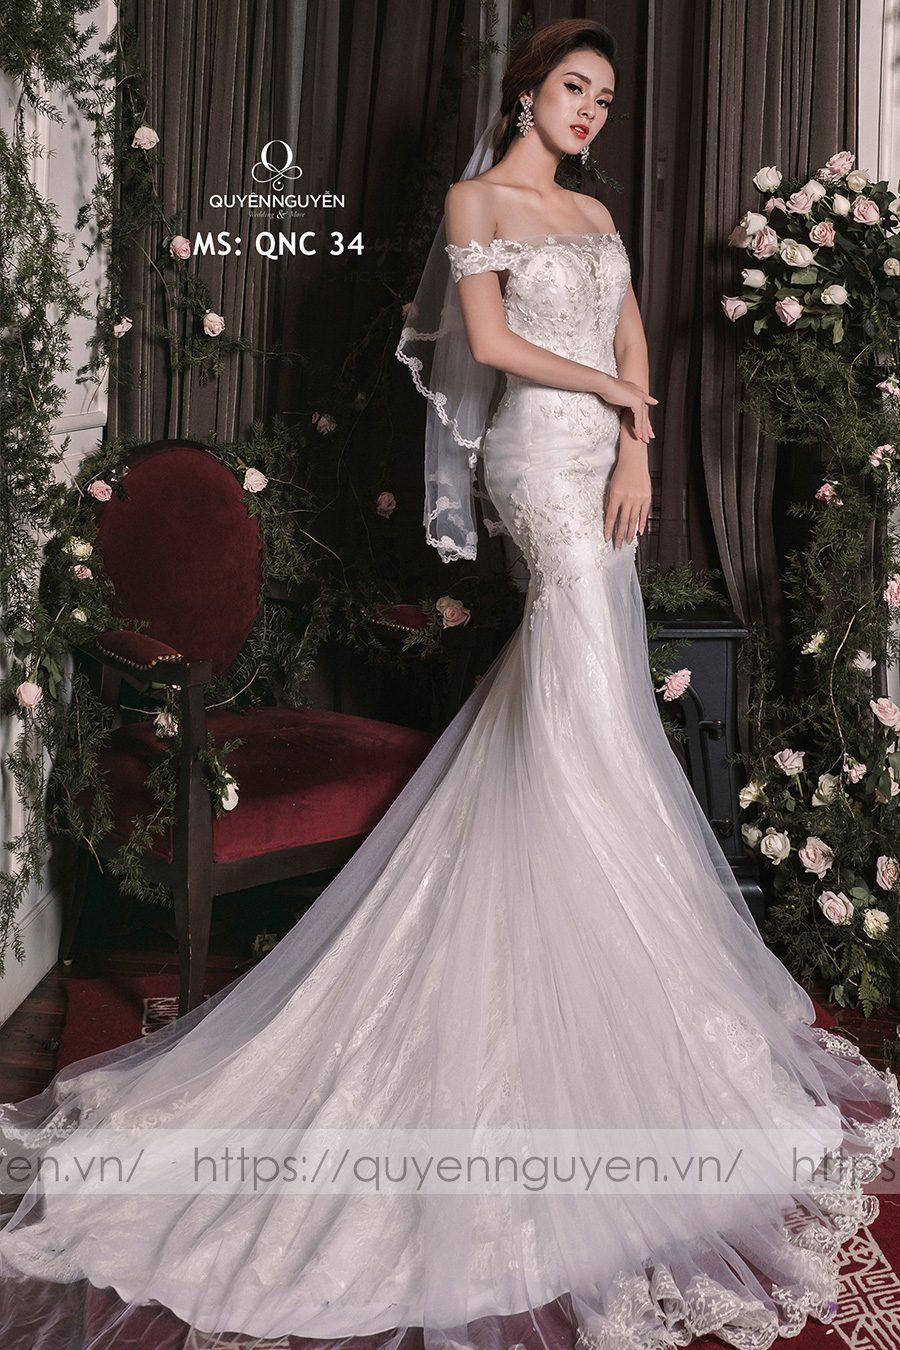 Cách chọn váy cưới vải satin làm cô dâu nổi bật